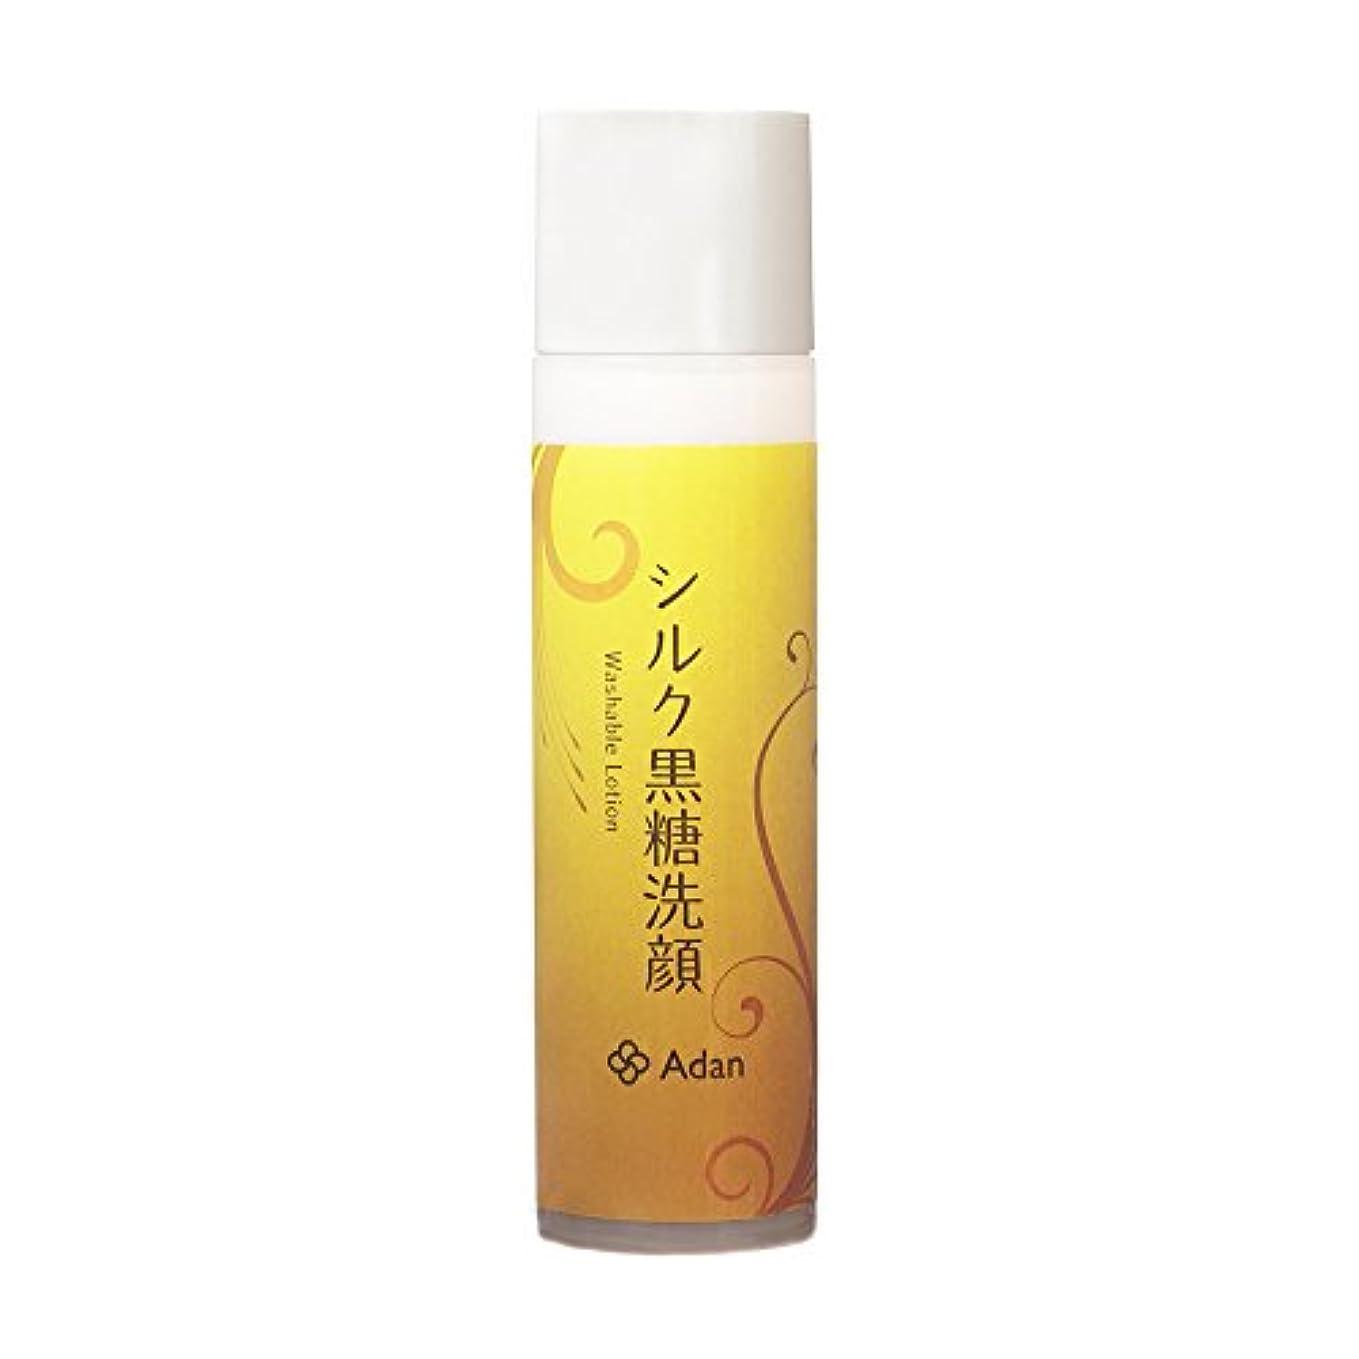 女王サンダル昇るAdan(アーダン) シルク黒糖洗顔(ウォッシャブルローション) 120ml